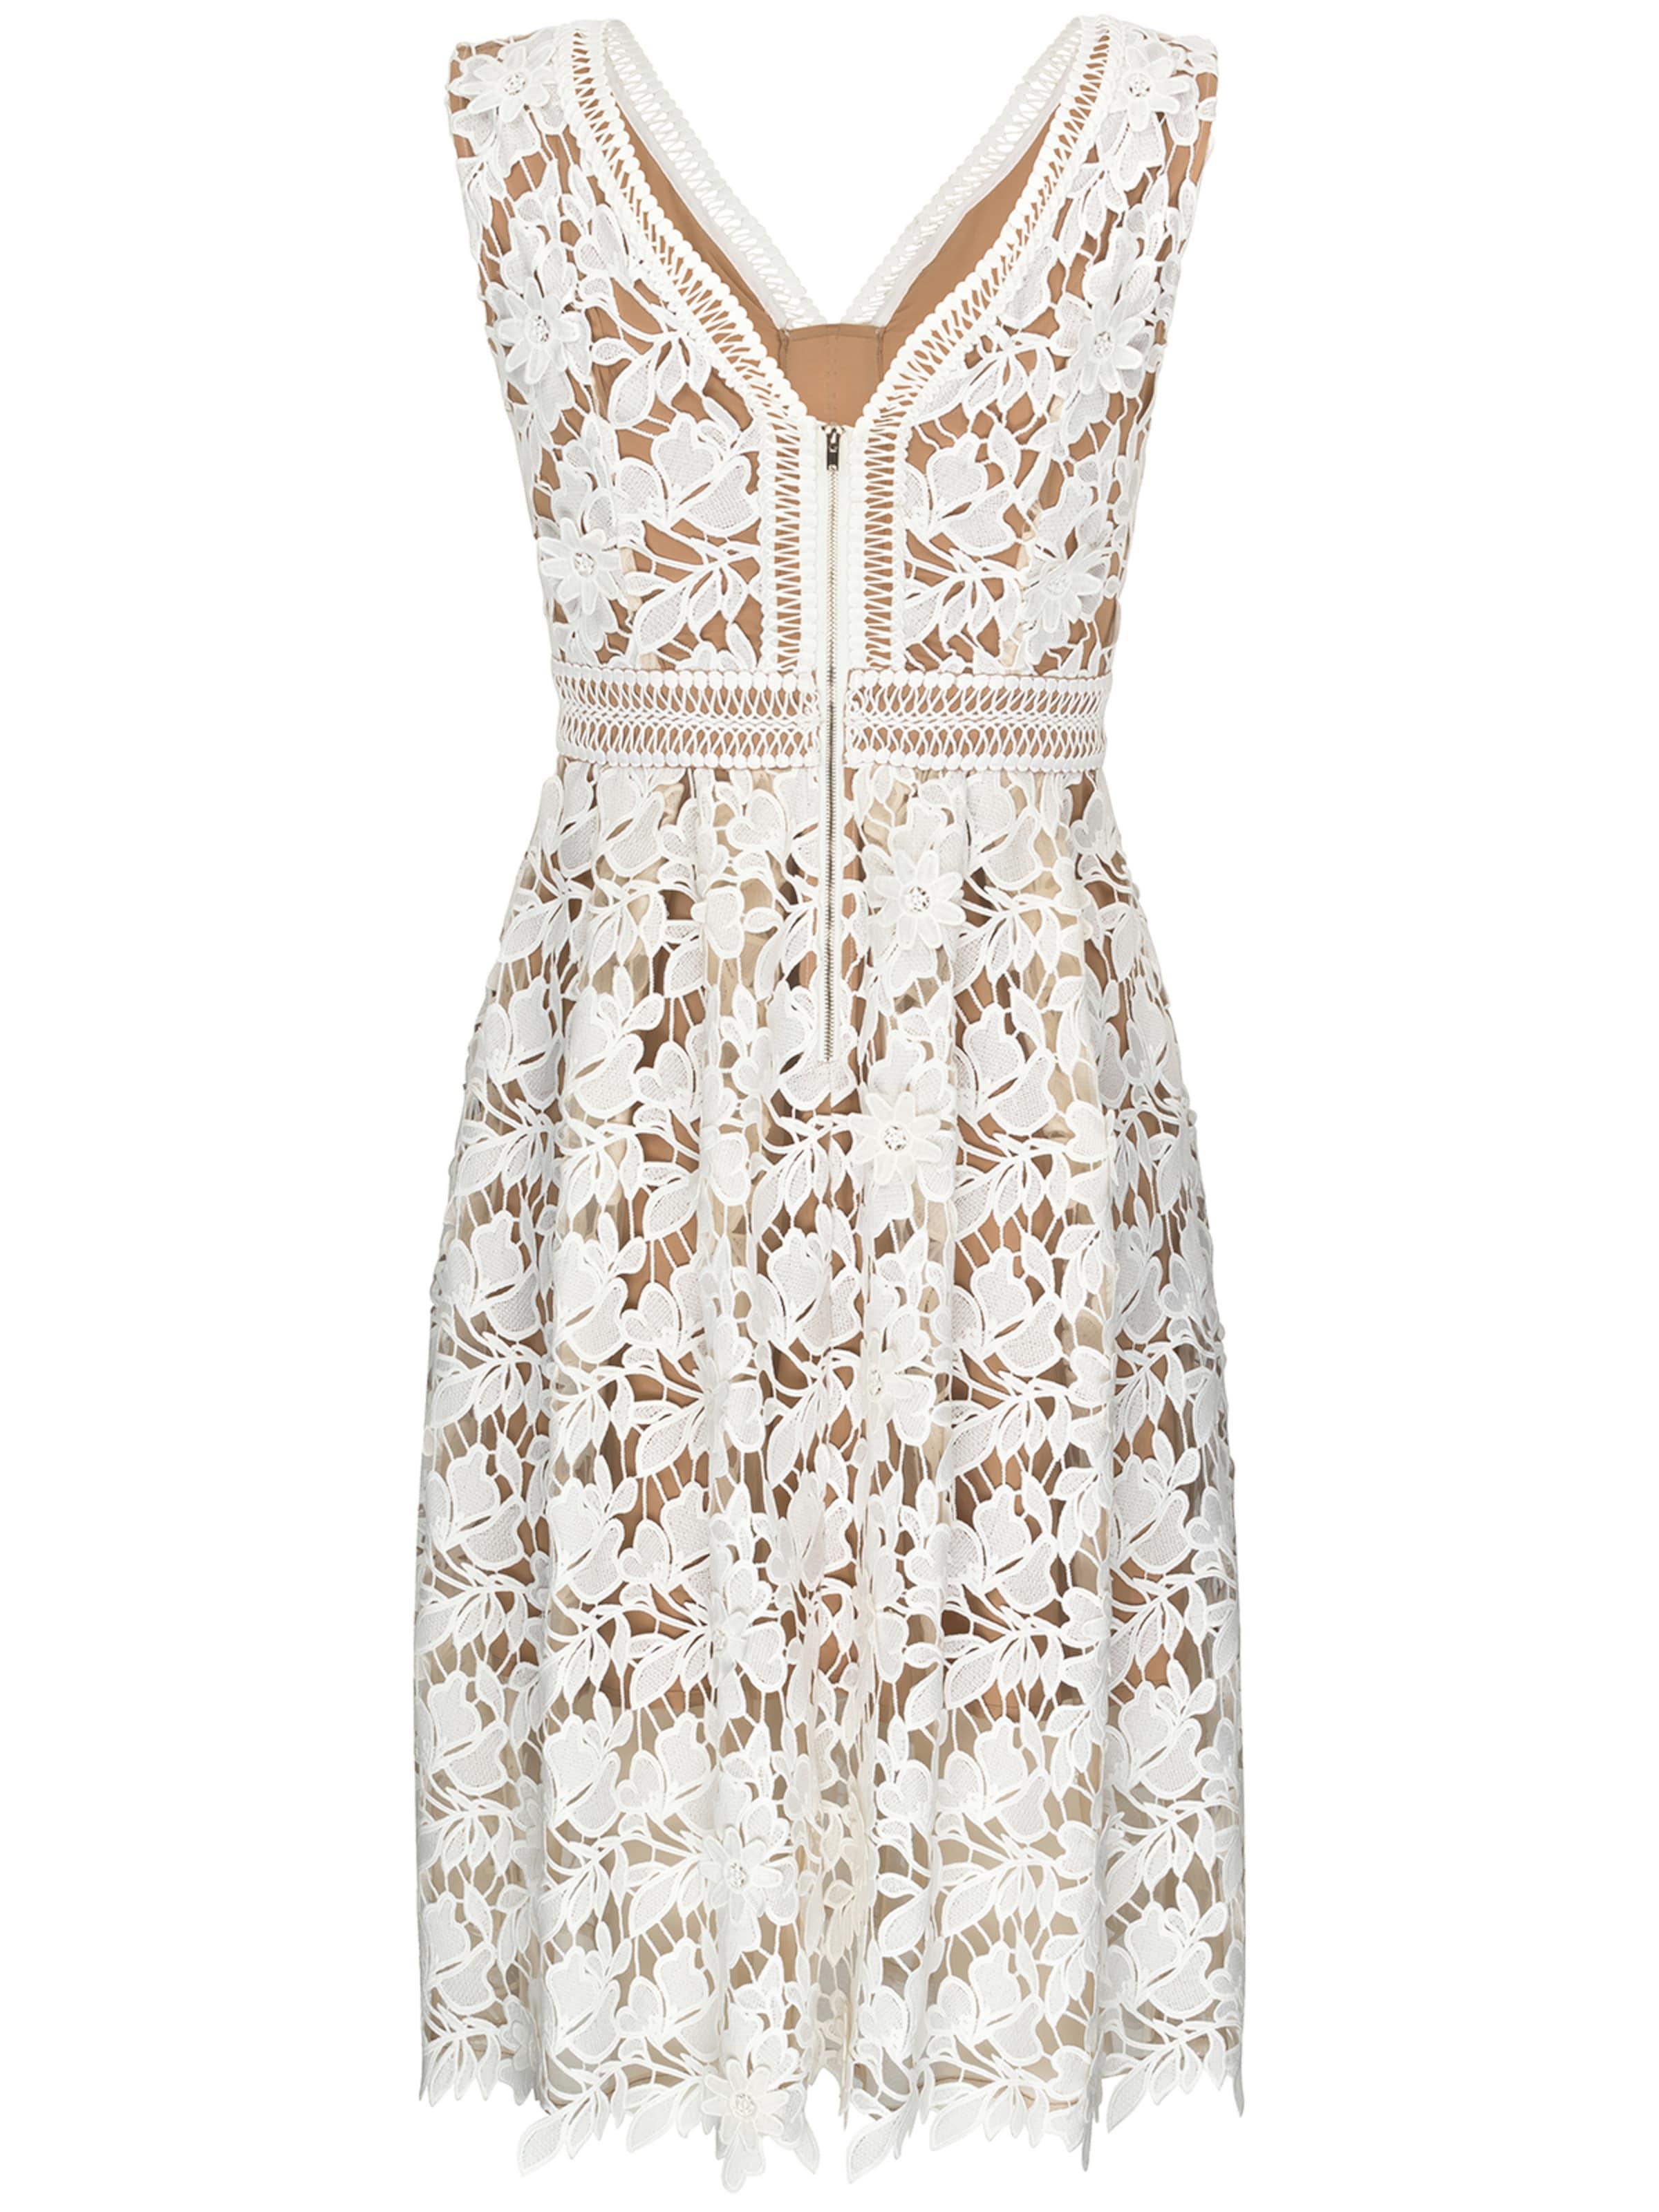 Bestpreis Four Flavor Kleid 'Lilian' Spielraum Angebote Billig Verkauf Geschäft Amazon Günstig Online awejIf